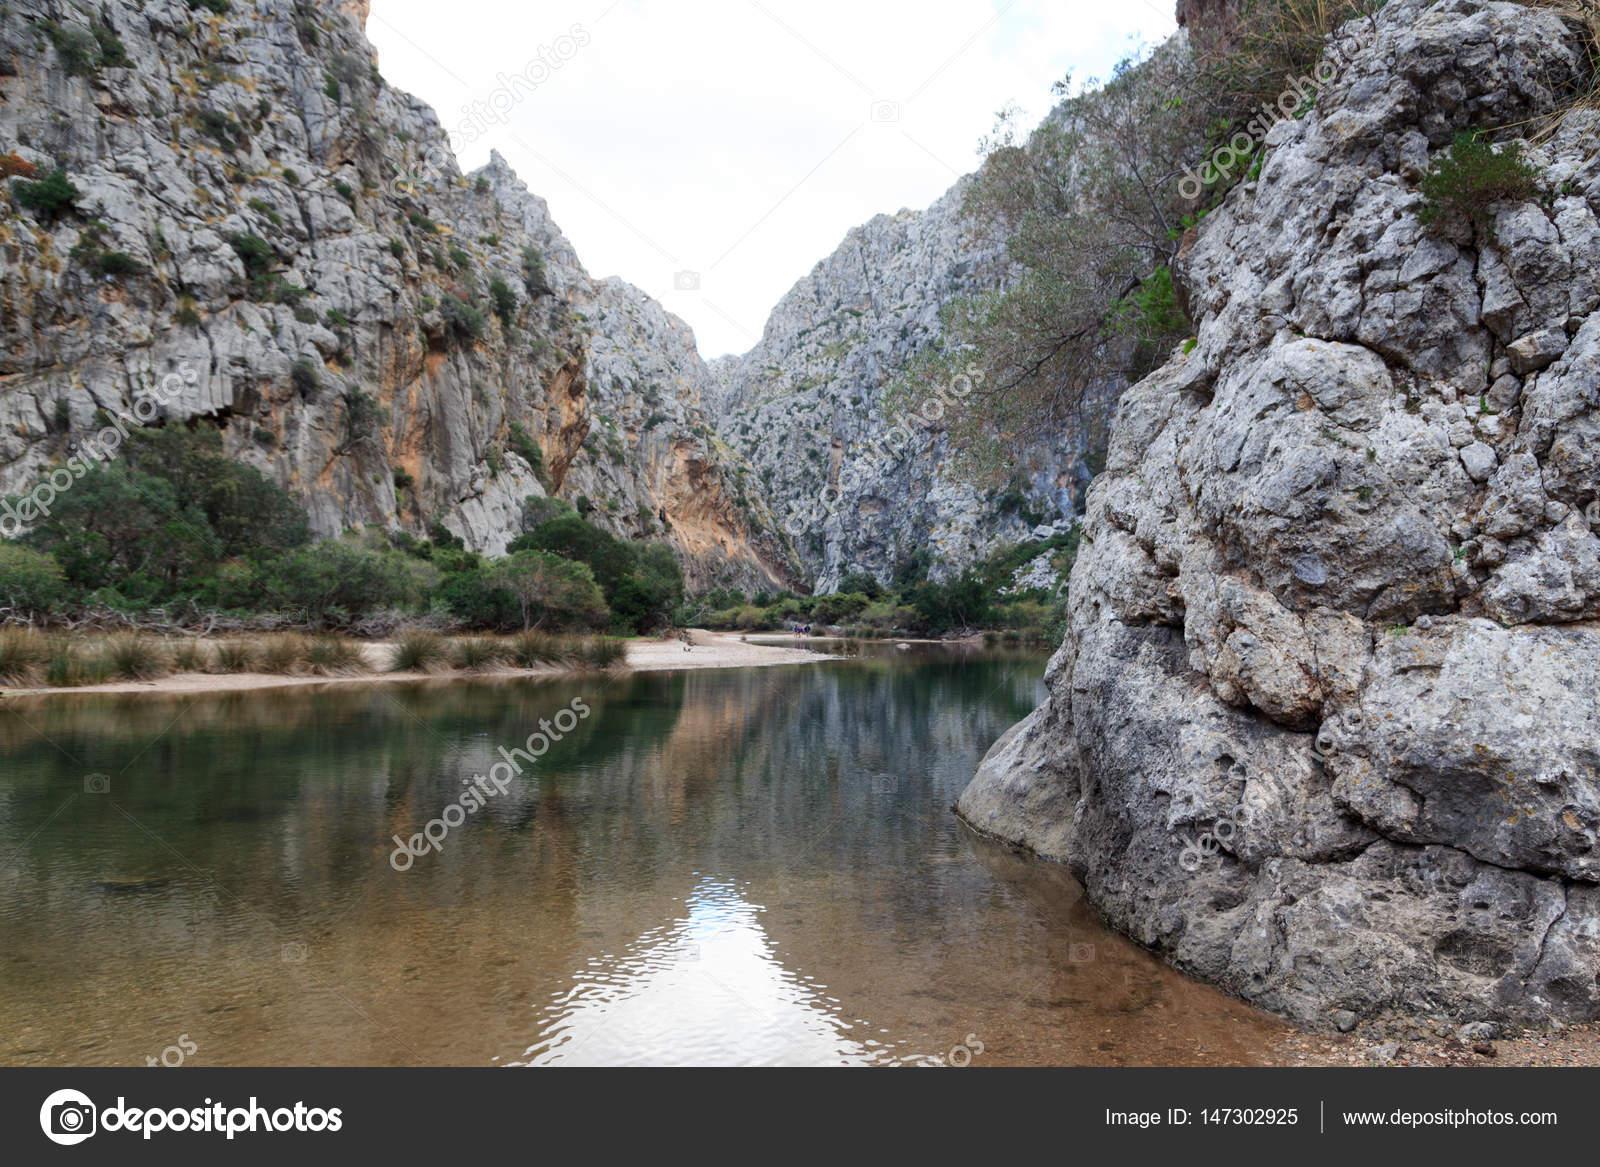 Каньон торрент де pareis, майорка, испания — стоковое фото.